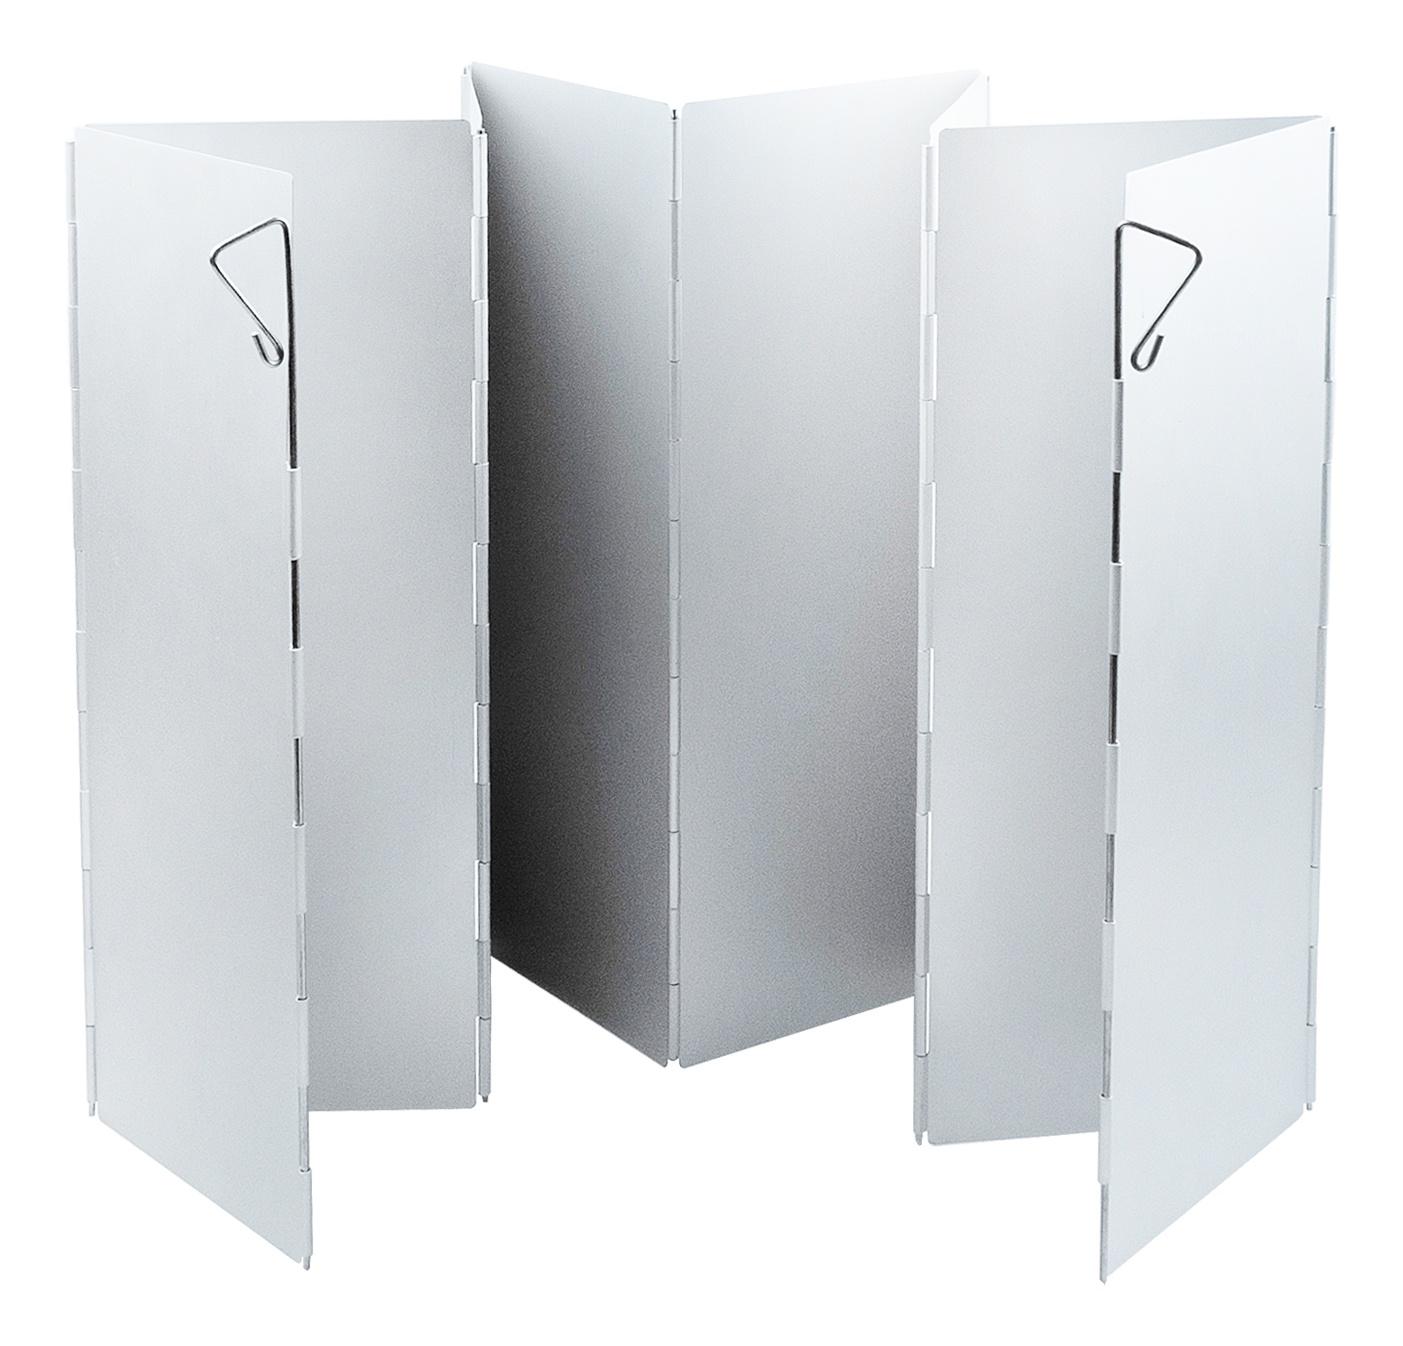 Фото - Ветрозащитный экран Ecos WS2-6002 кухня мобильная camping world karelia чехол размер 172х48х79 5см два подвесных шкафчика дополнительный экран для защиты от ветра и разбрызгивания